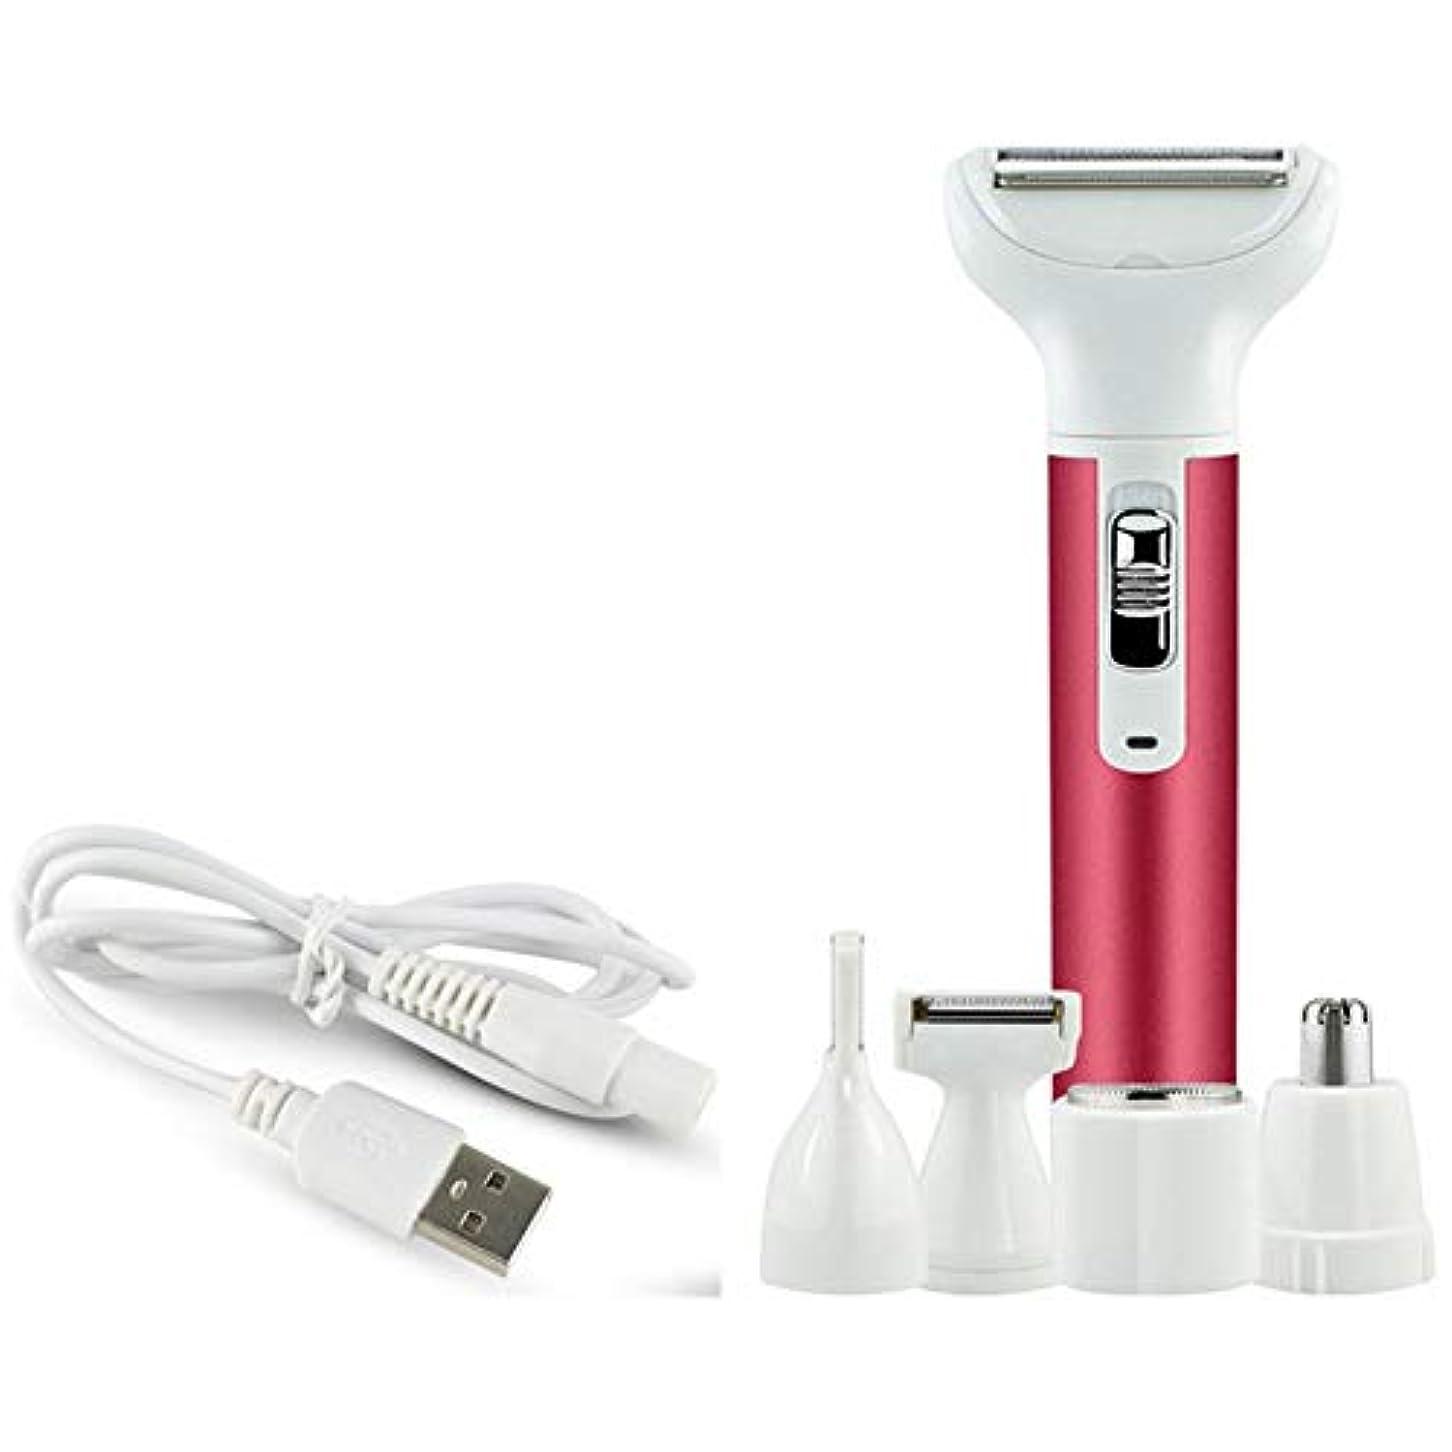 情熱的適切に東ティモール1つの女性の脱毛器眉毛ナイフ電動鼻毛でUSB充電式レディシェーバー5 (Color : Pink, Size : USB)